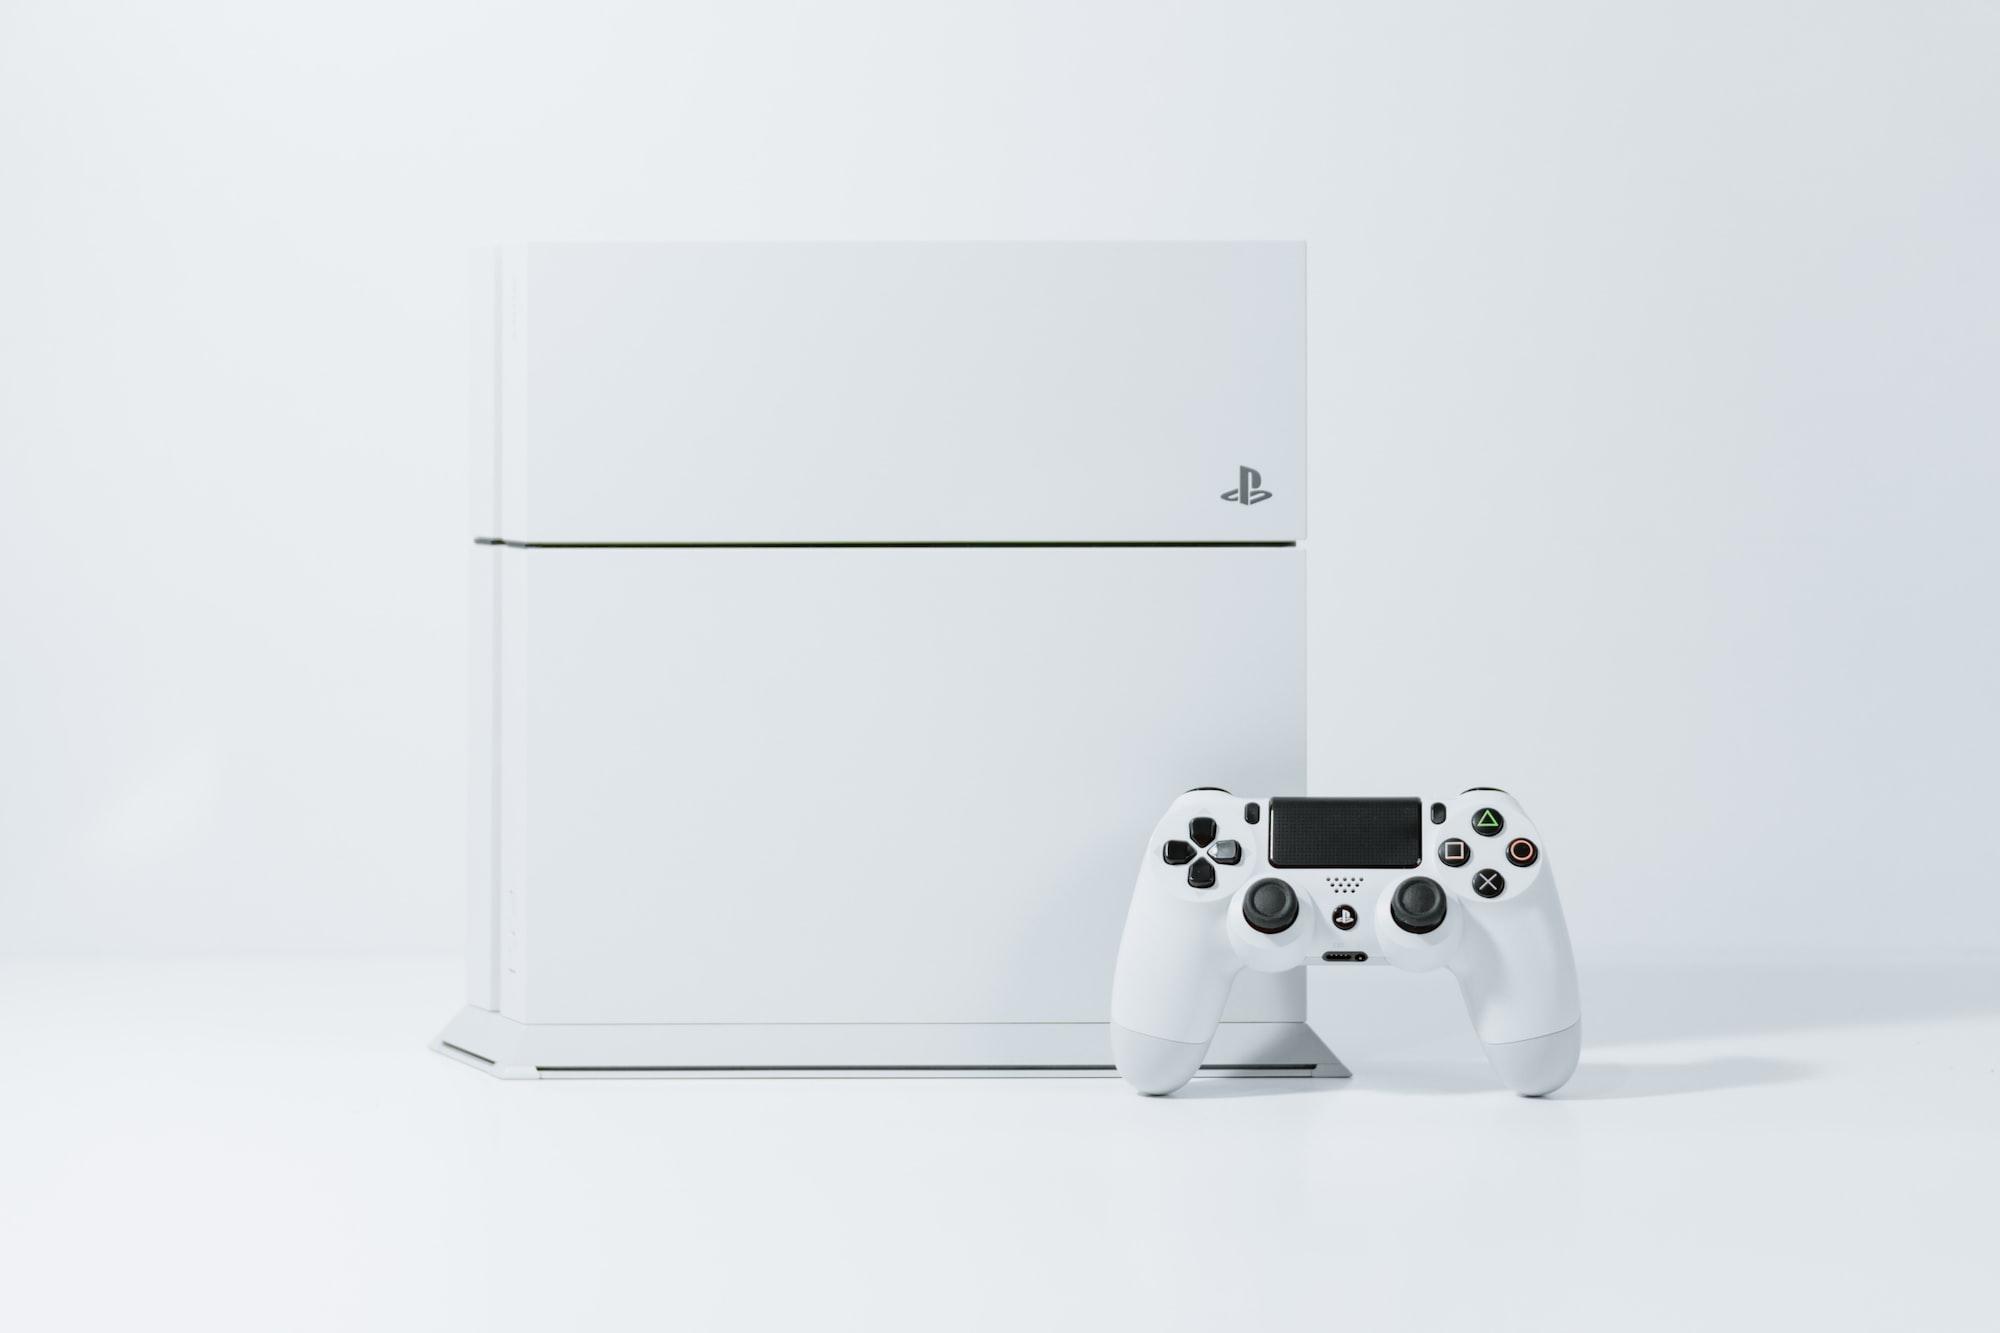 Sony представит свои игровые франшизы PlayStation на мобильных устройствах к марту 2022 года